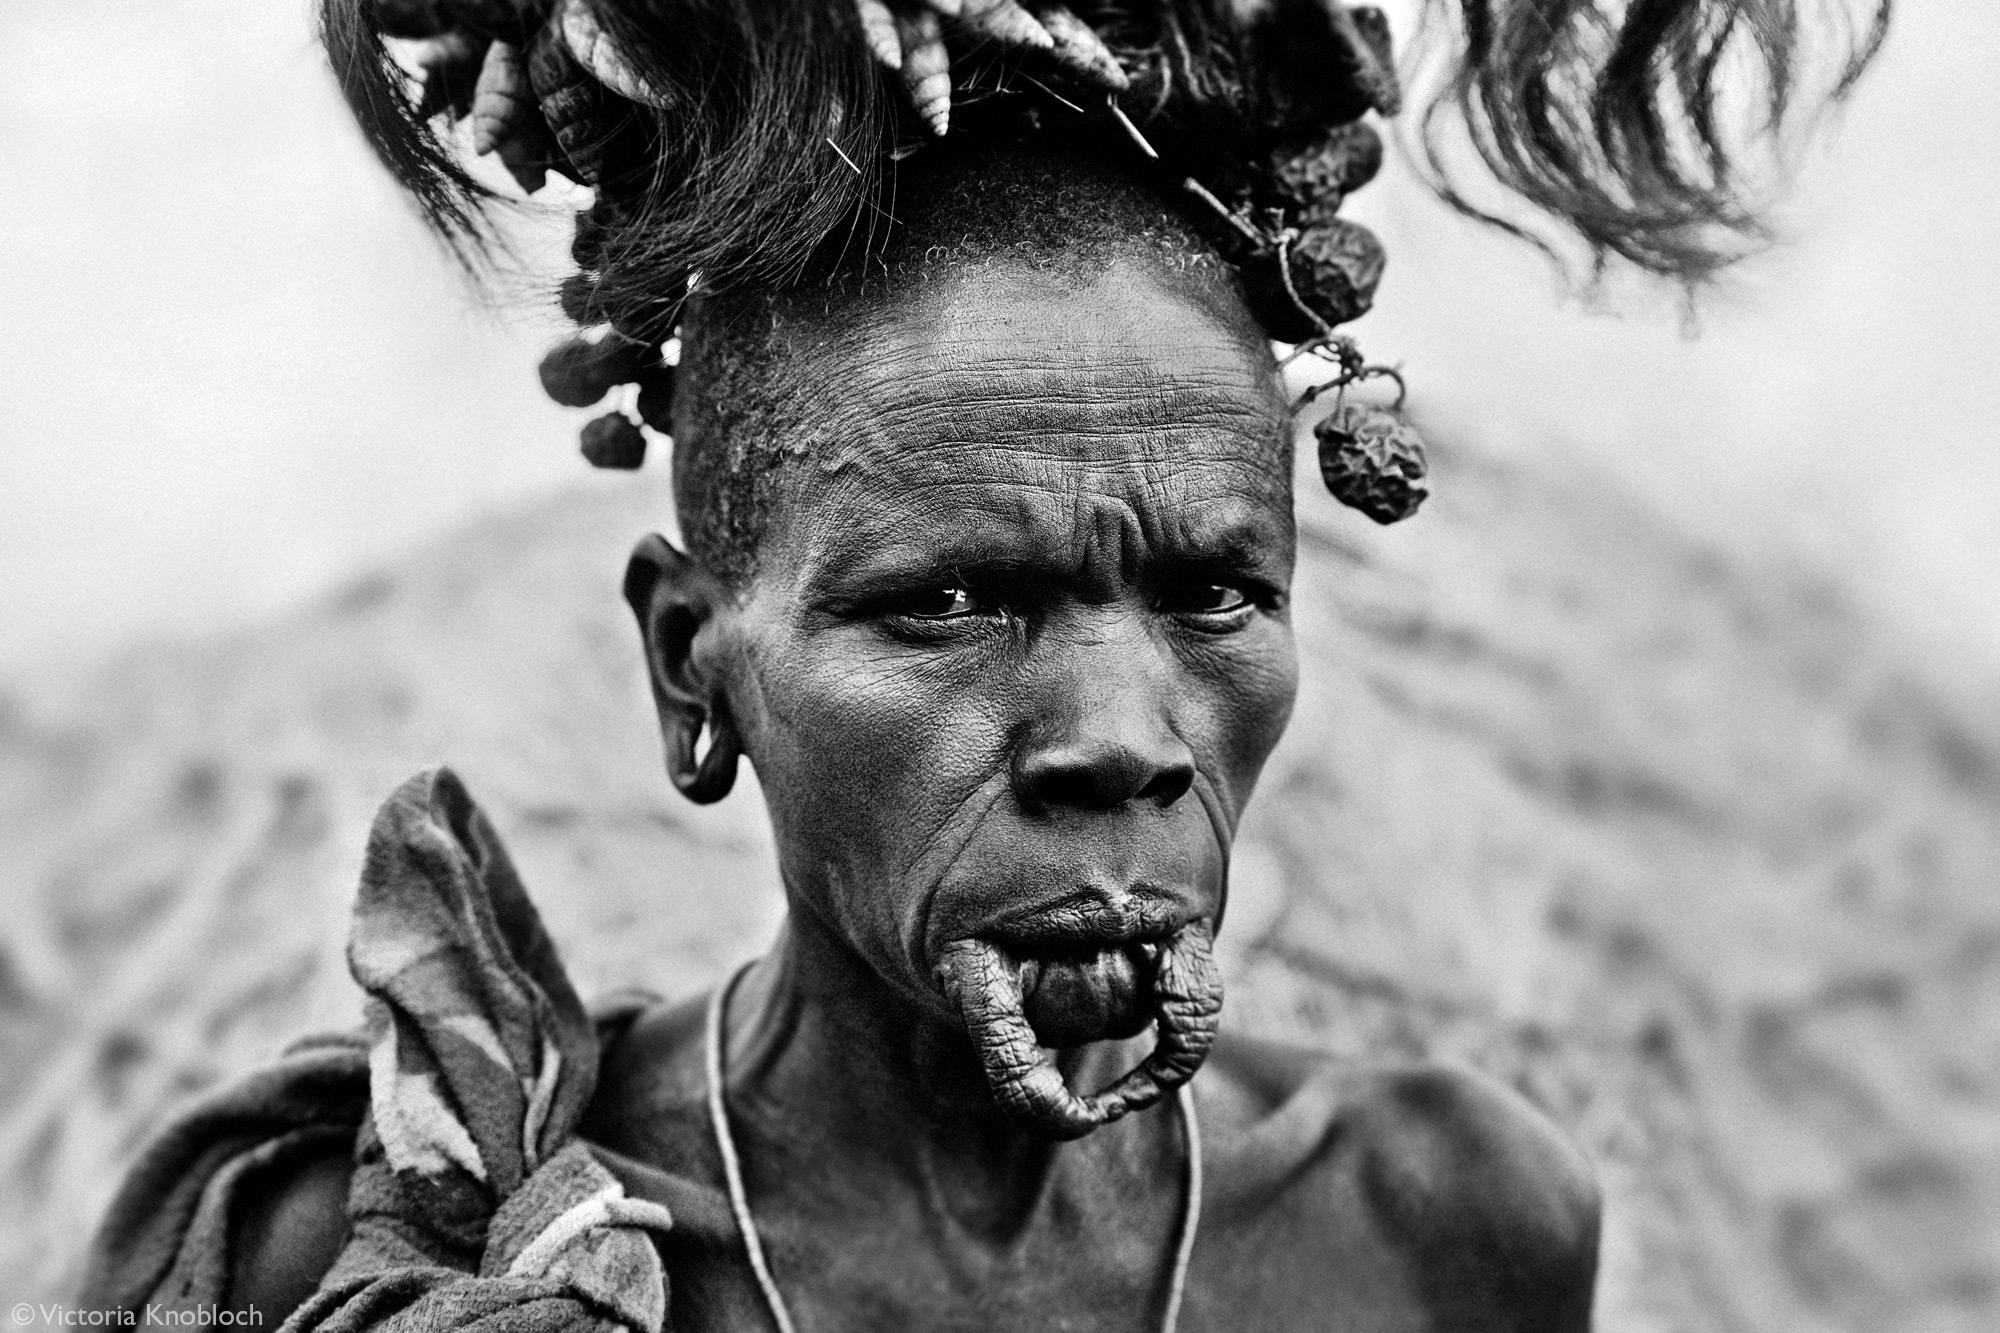 Mursi tribe woman, Omo Valley, Ethiopia